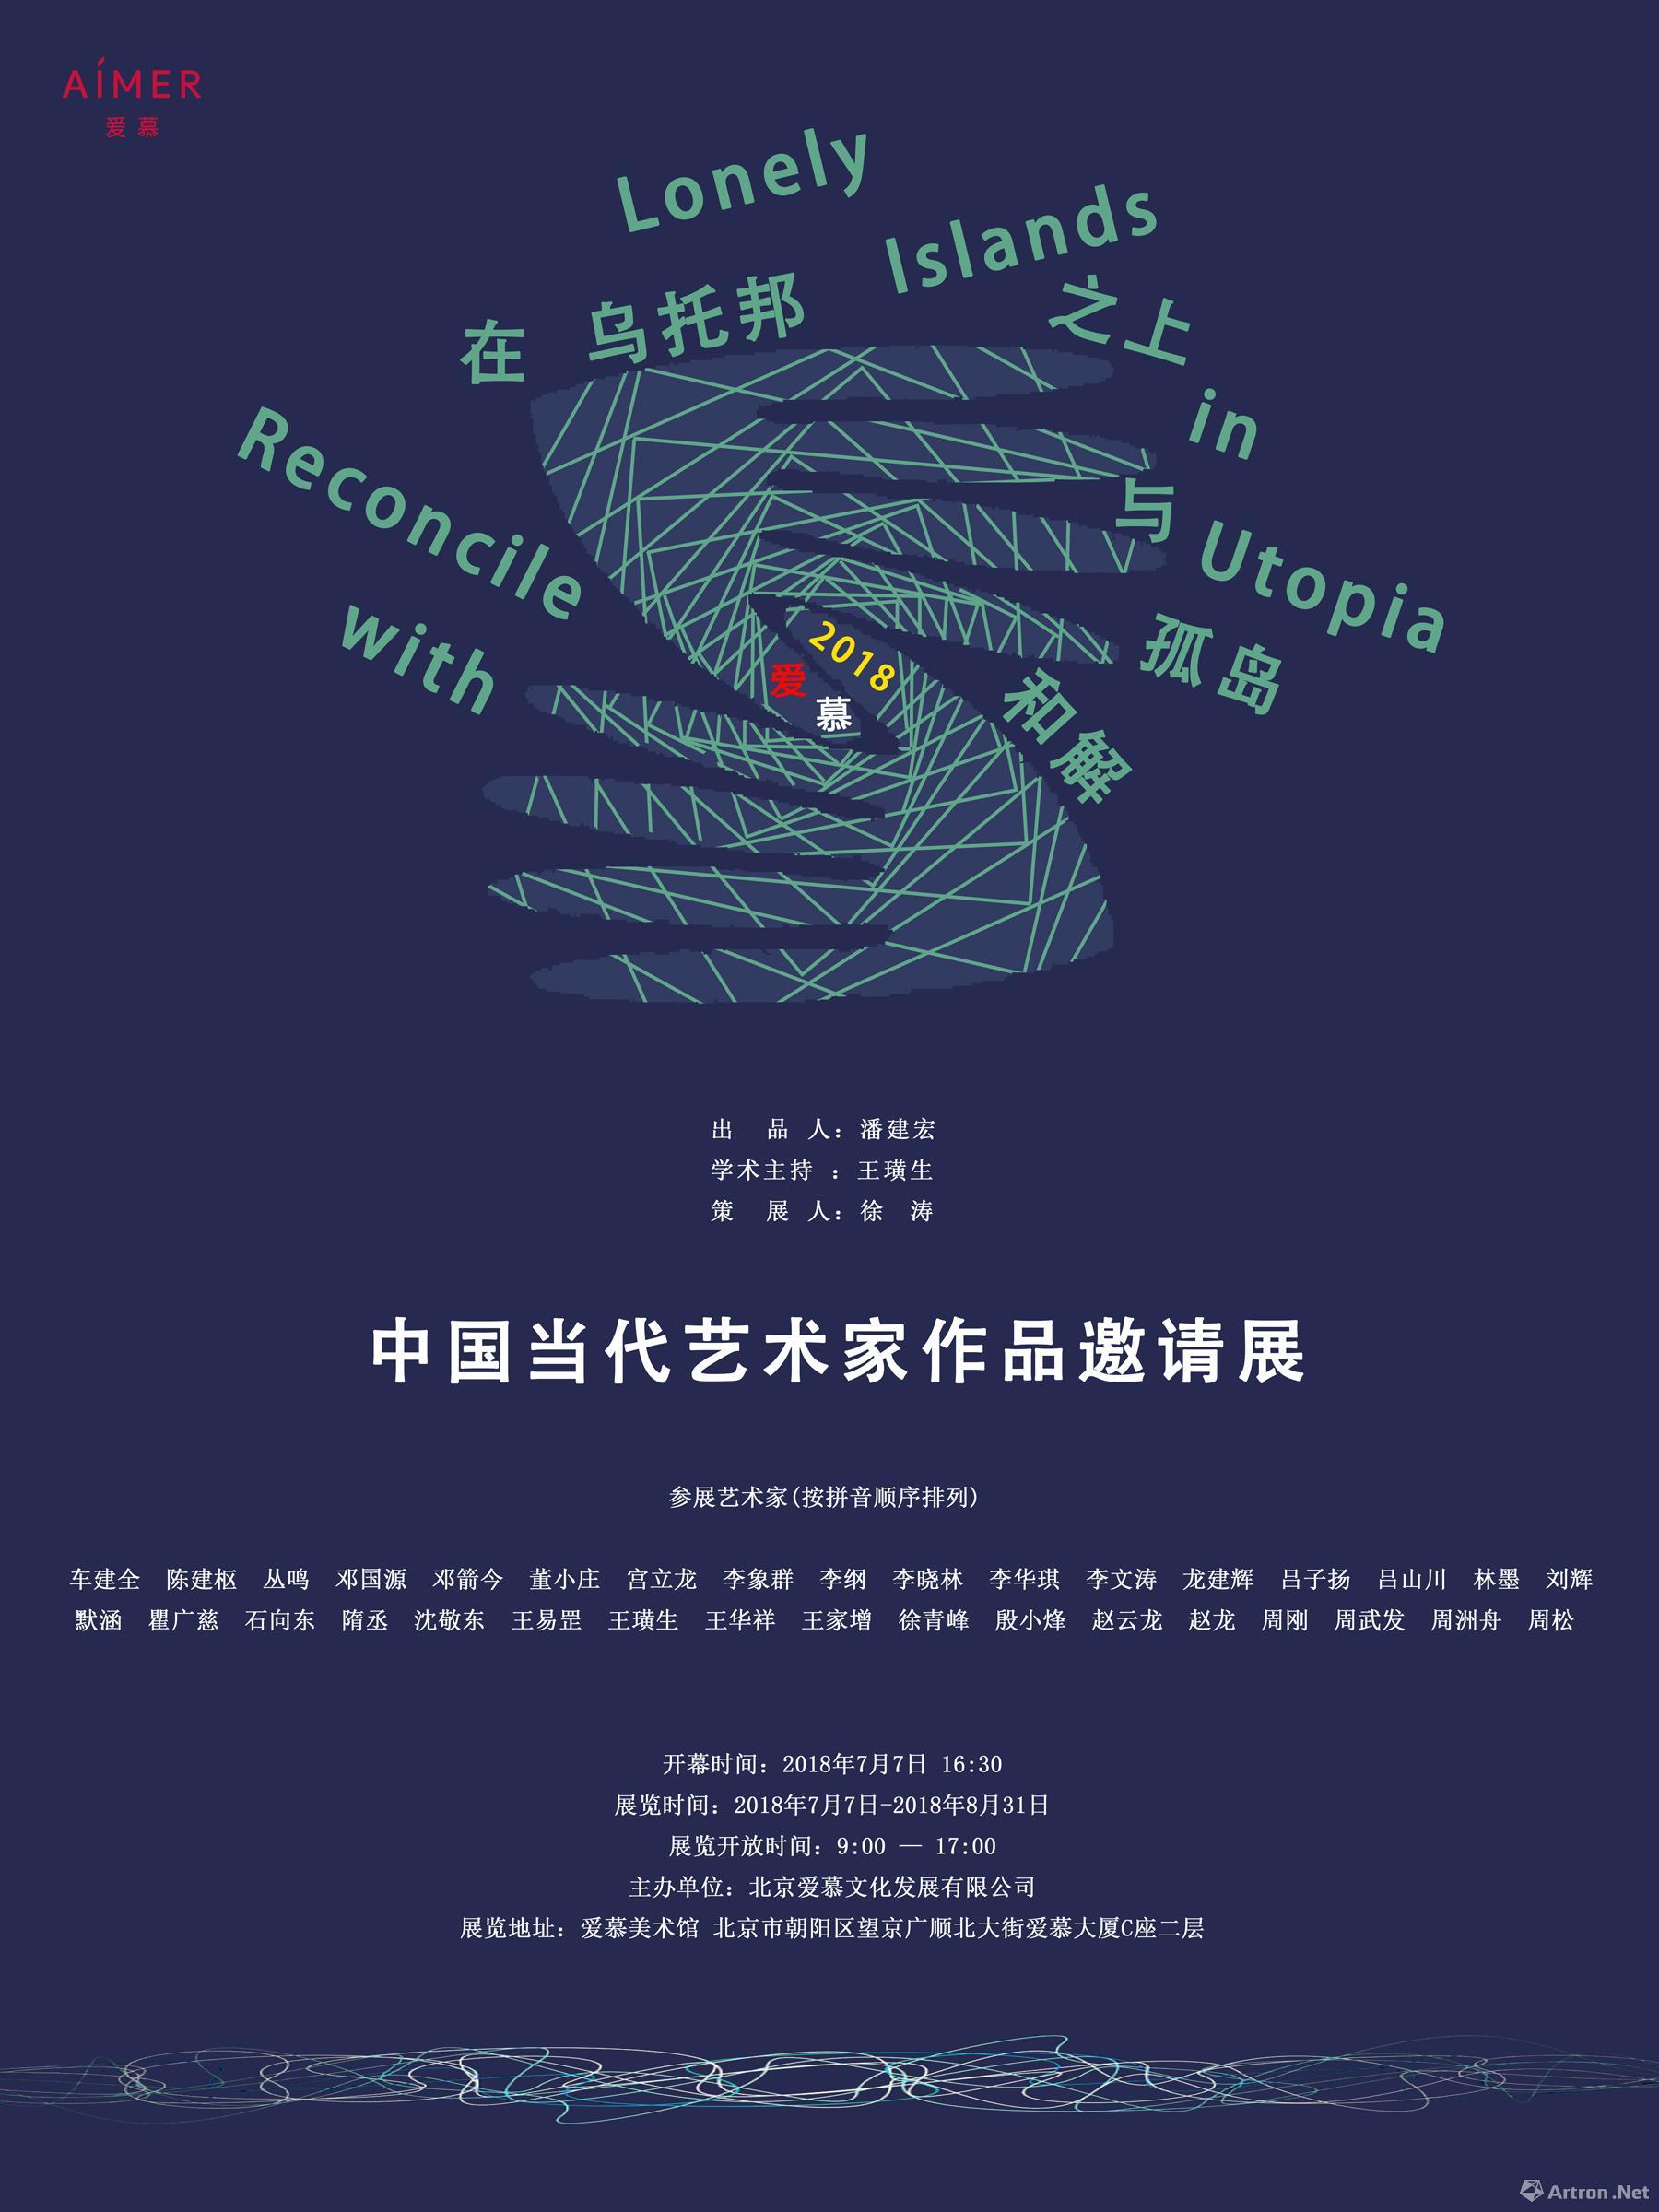 在乌托邦之上与孤岛和解·2018爱慕-中国当代艺术家作品邀请展